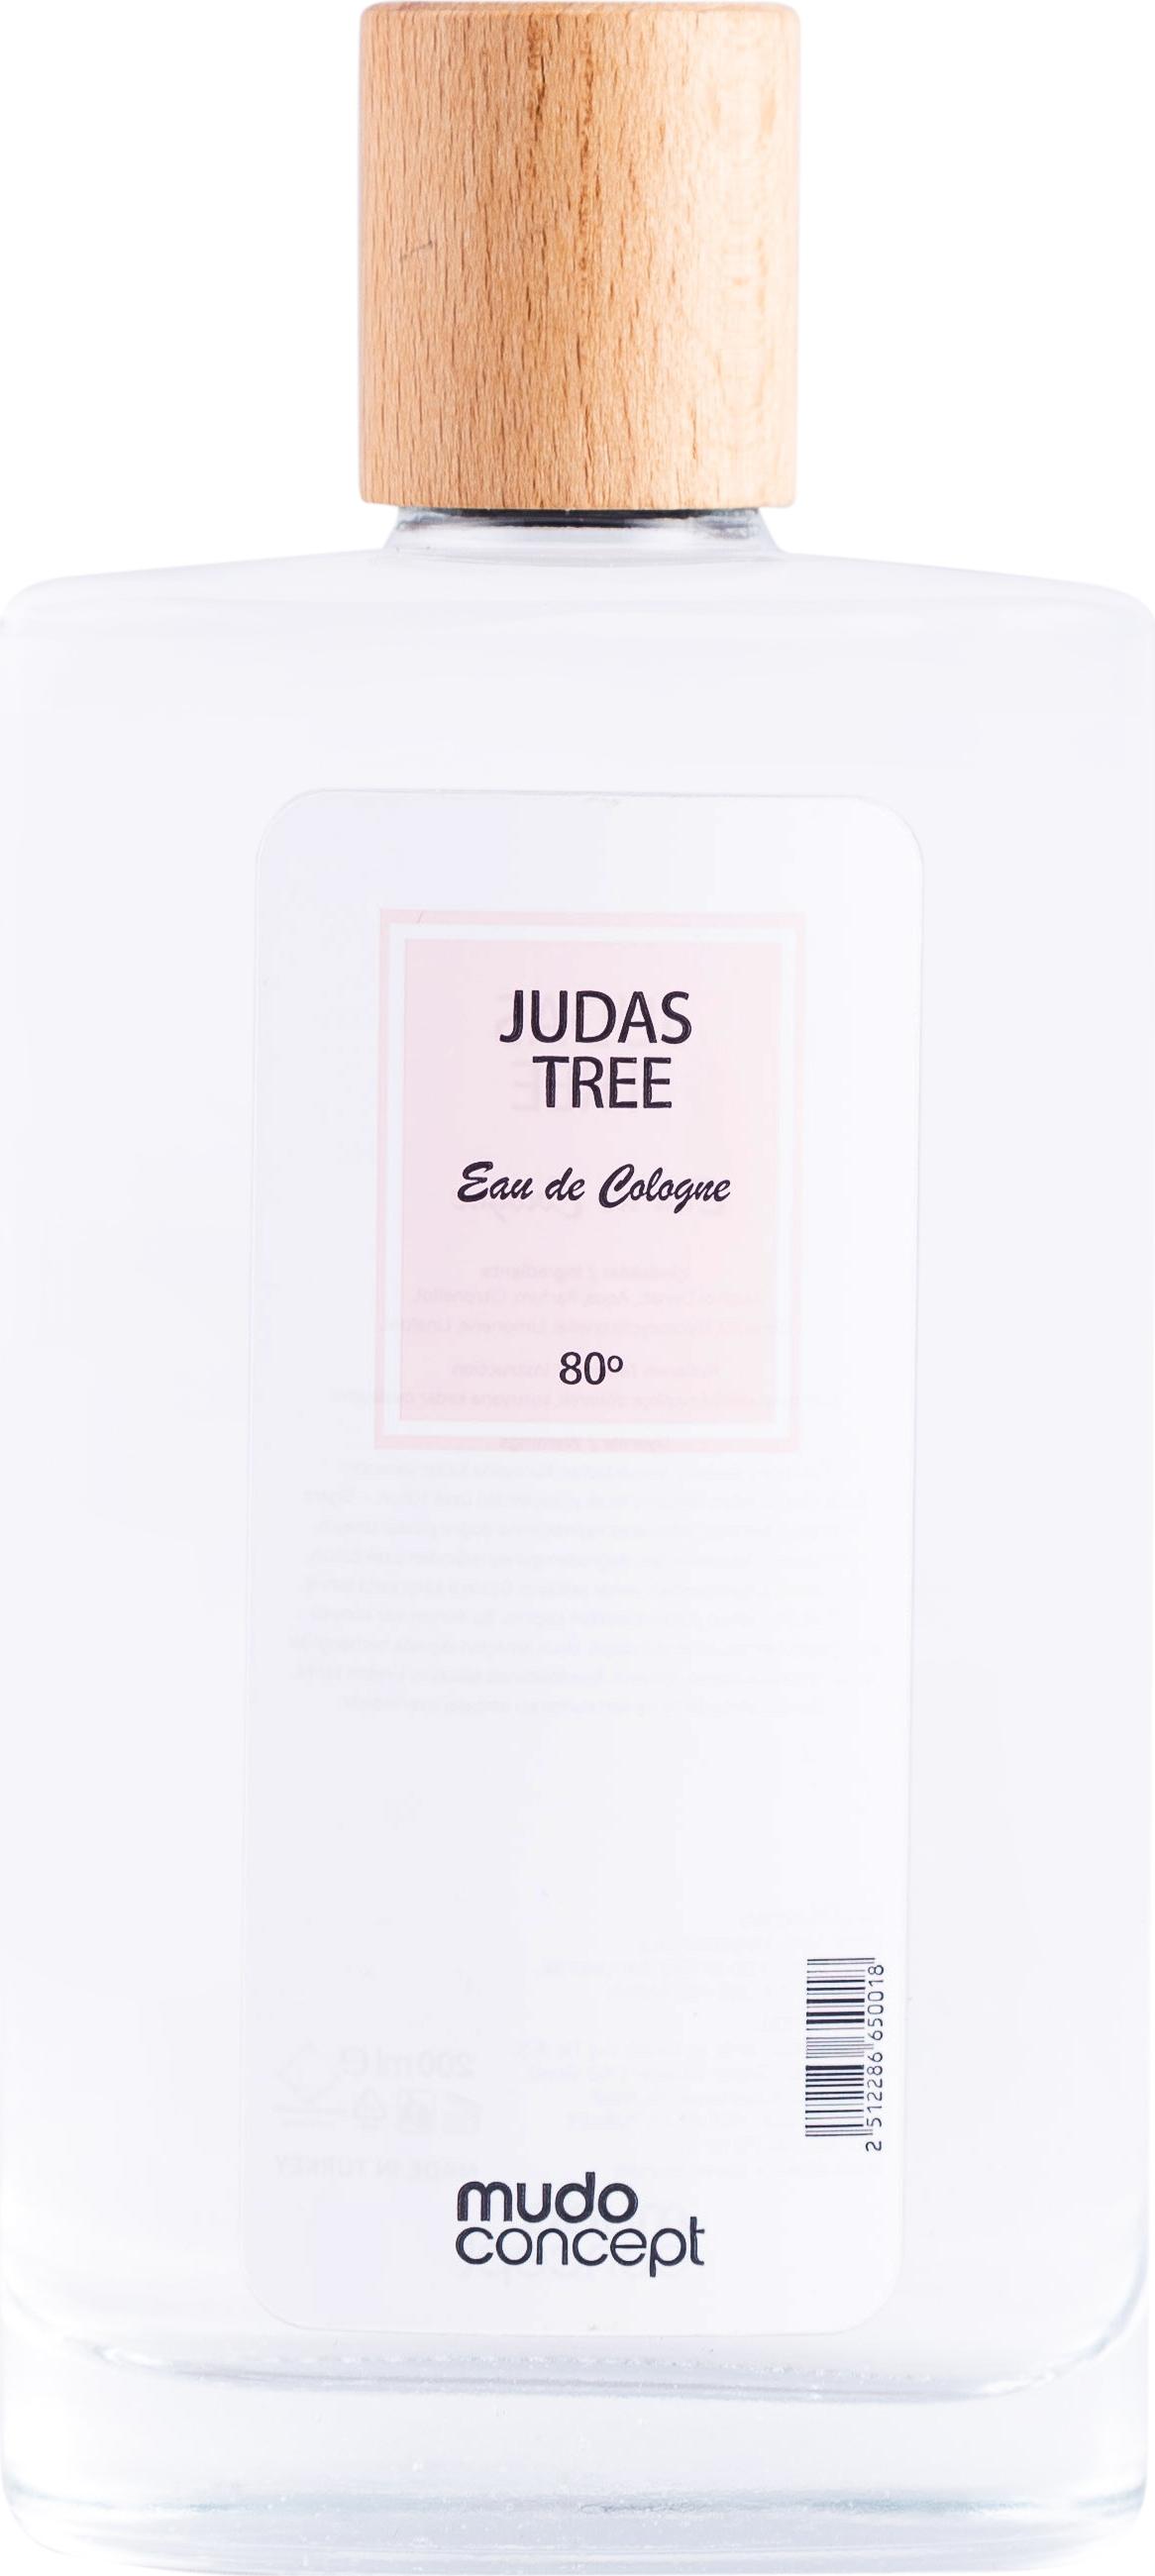 MUDO CONCEPT KOLONYA JUDAS TREE 200 ML